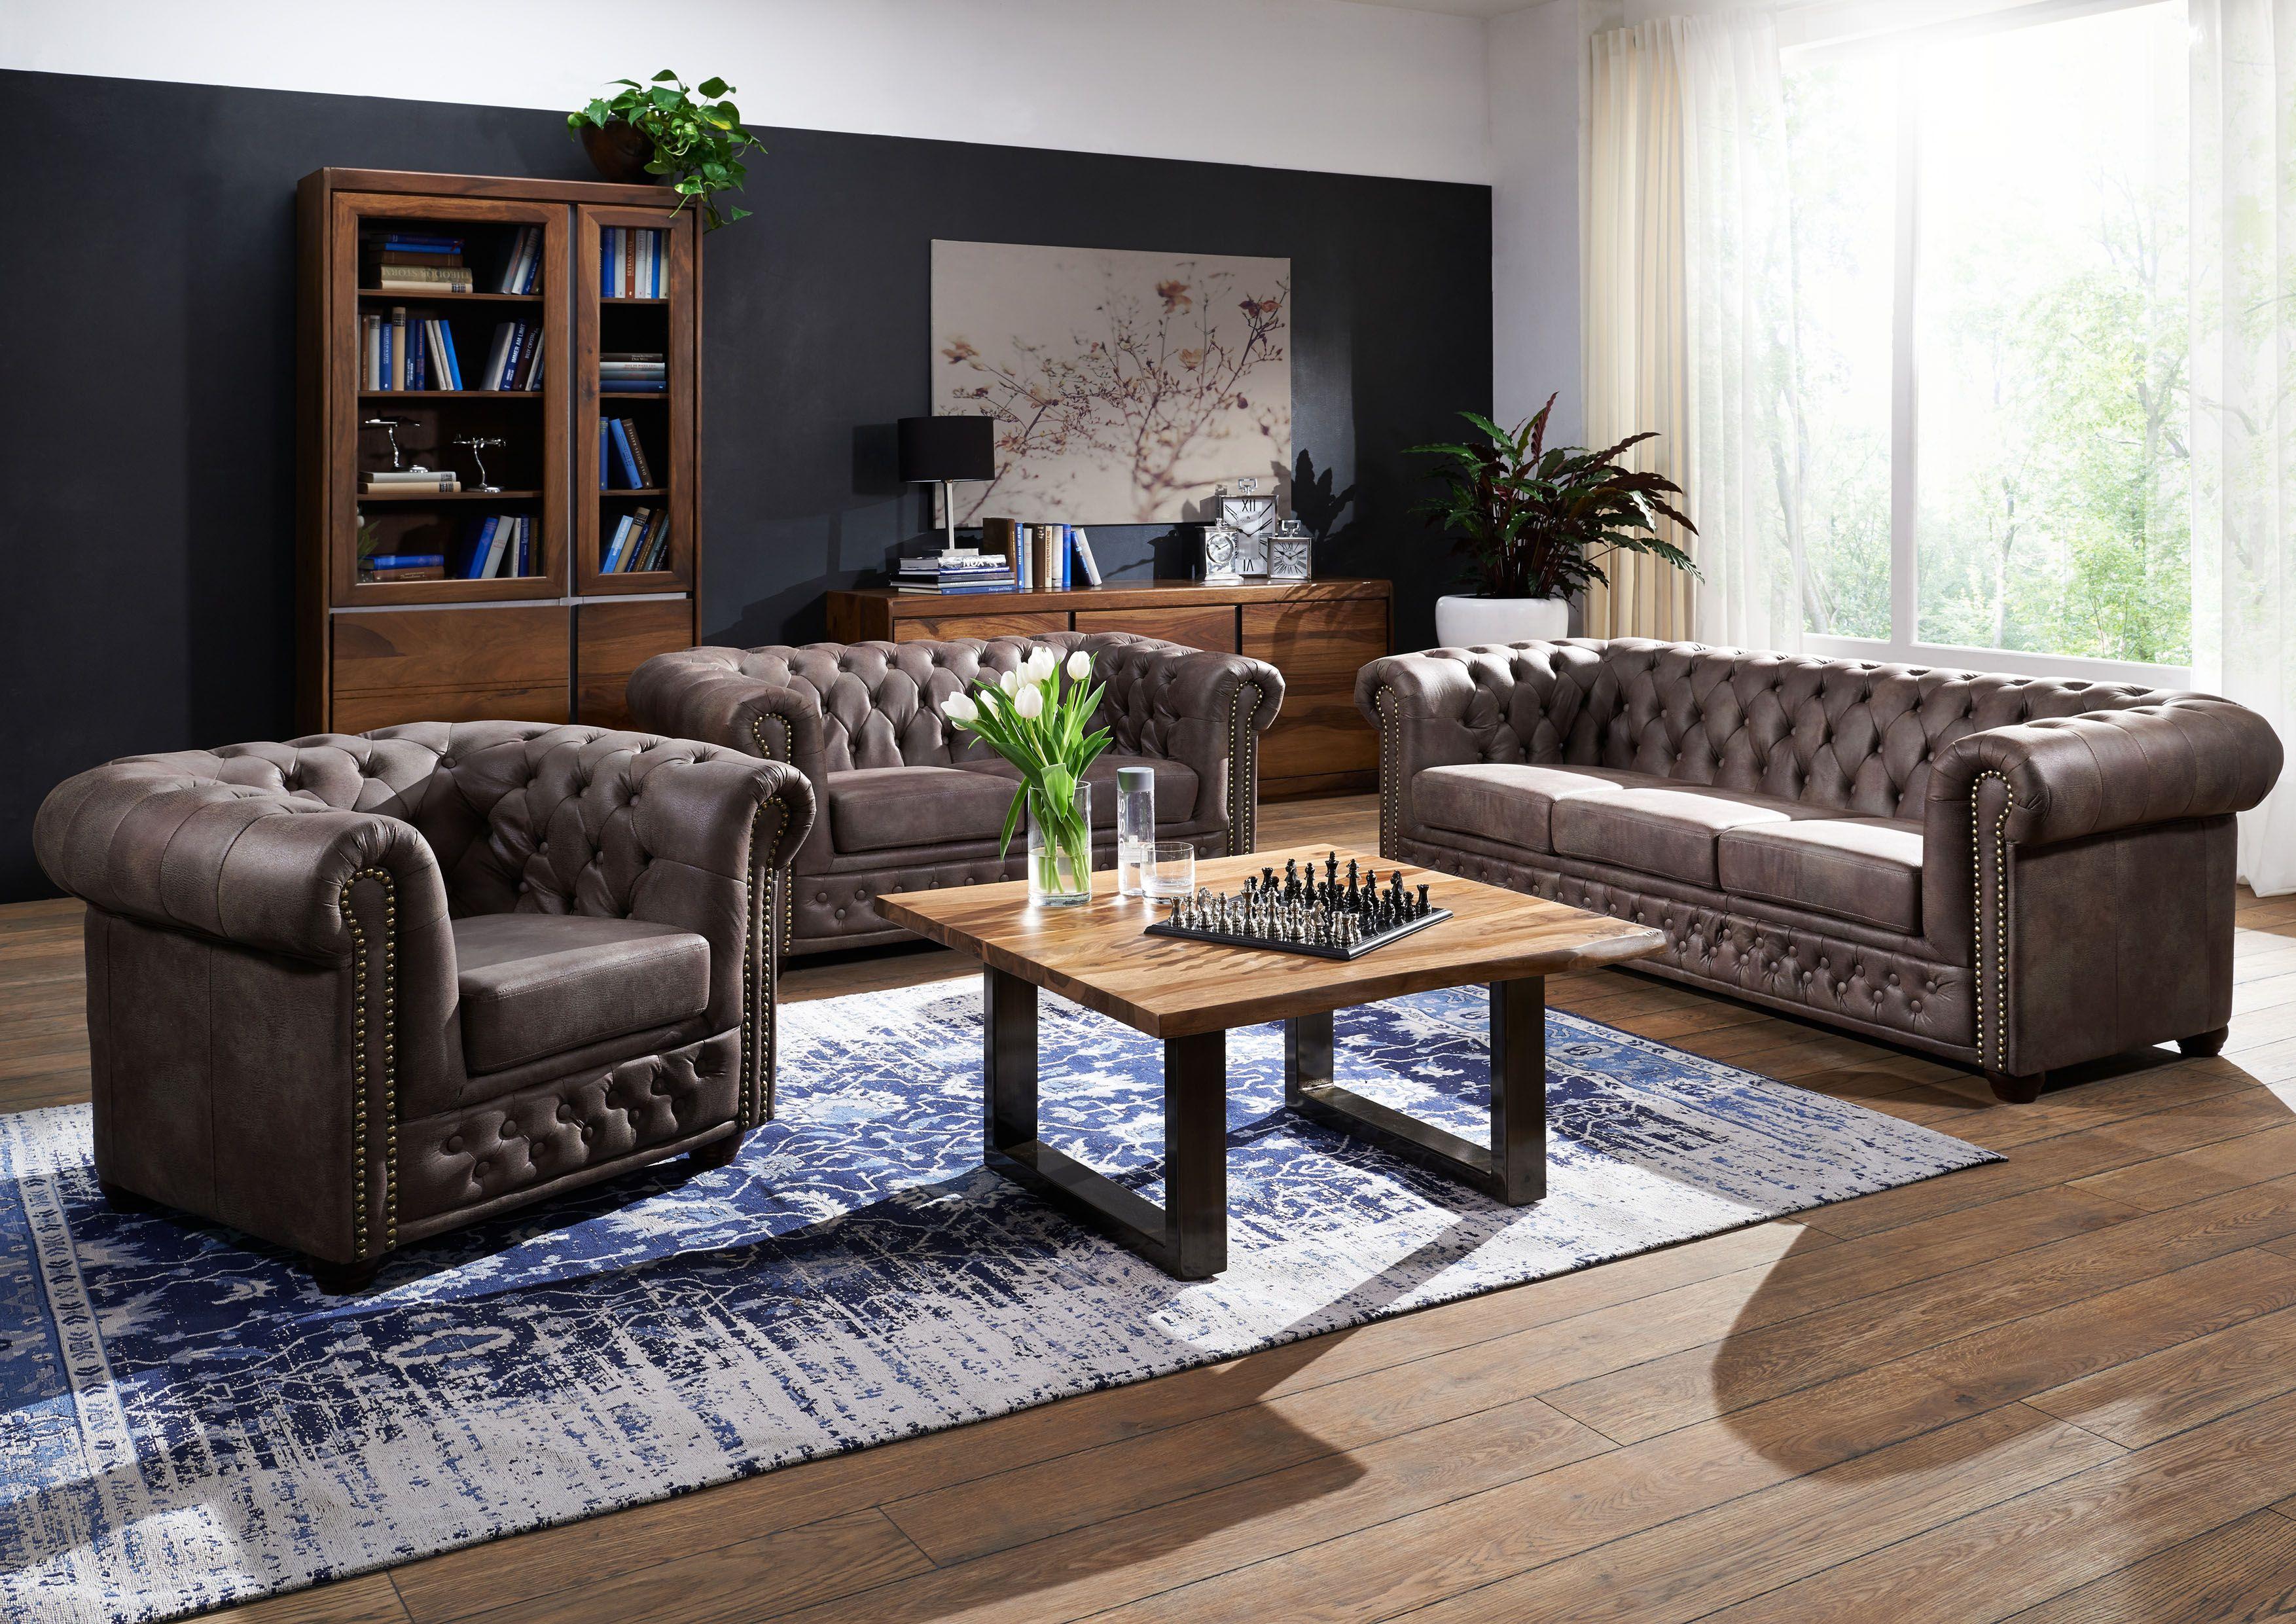 Polstermobel Sofas Wohnlandschaften Sessel Co Wohnen Sofas Wohnzimmer